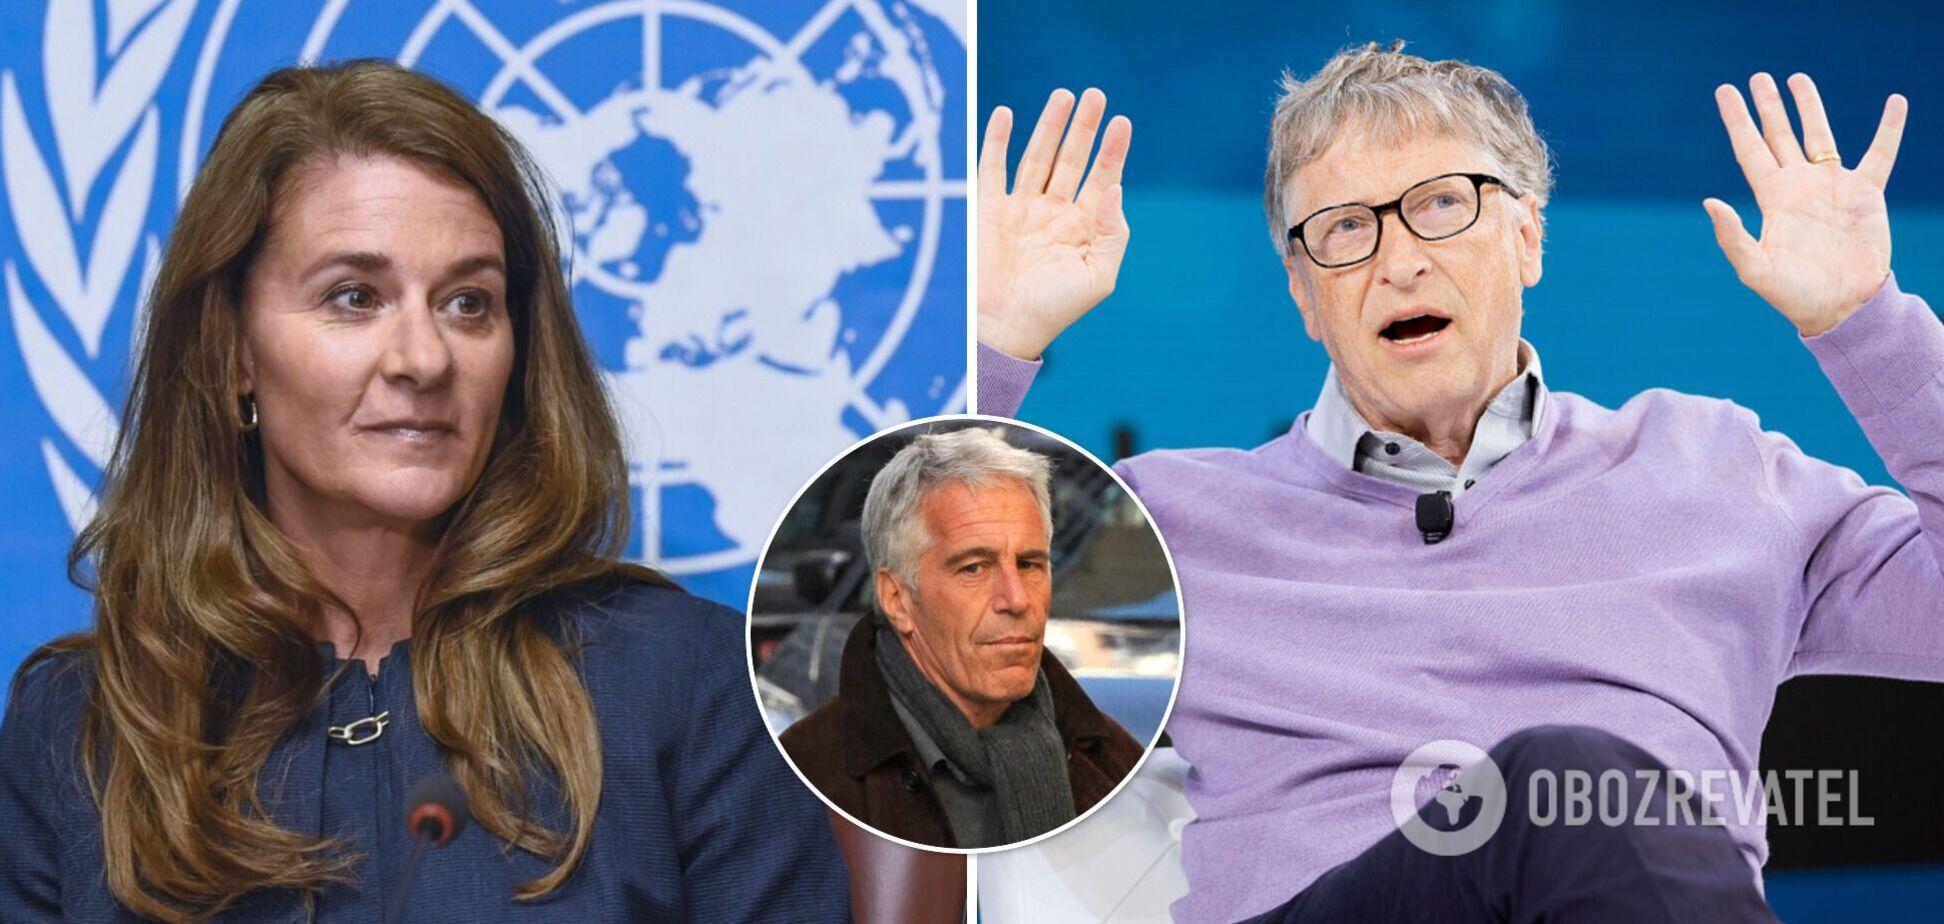 Усе, що потрібно знати про найдорожче розлучення у світі: оргії Гейтса, мільярдні активи і дружба зі злочинцем